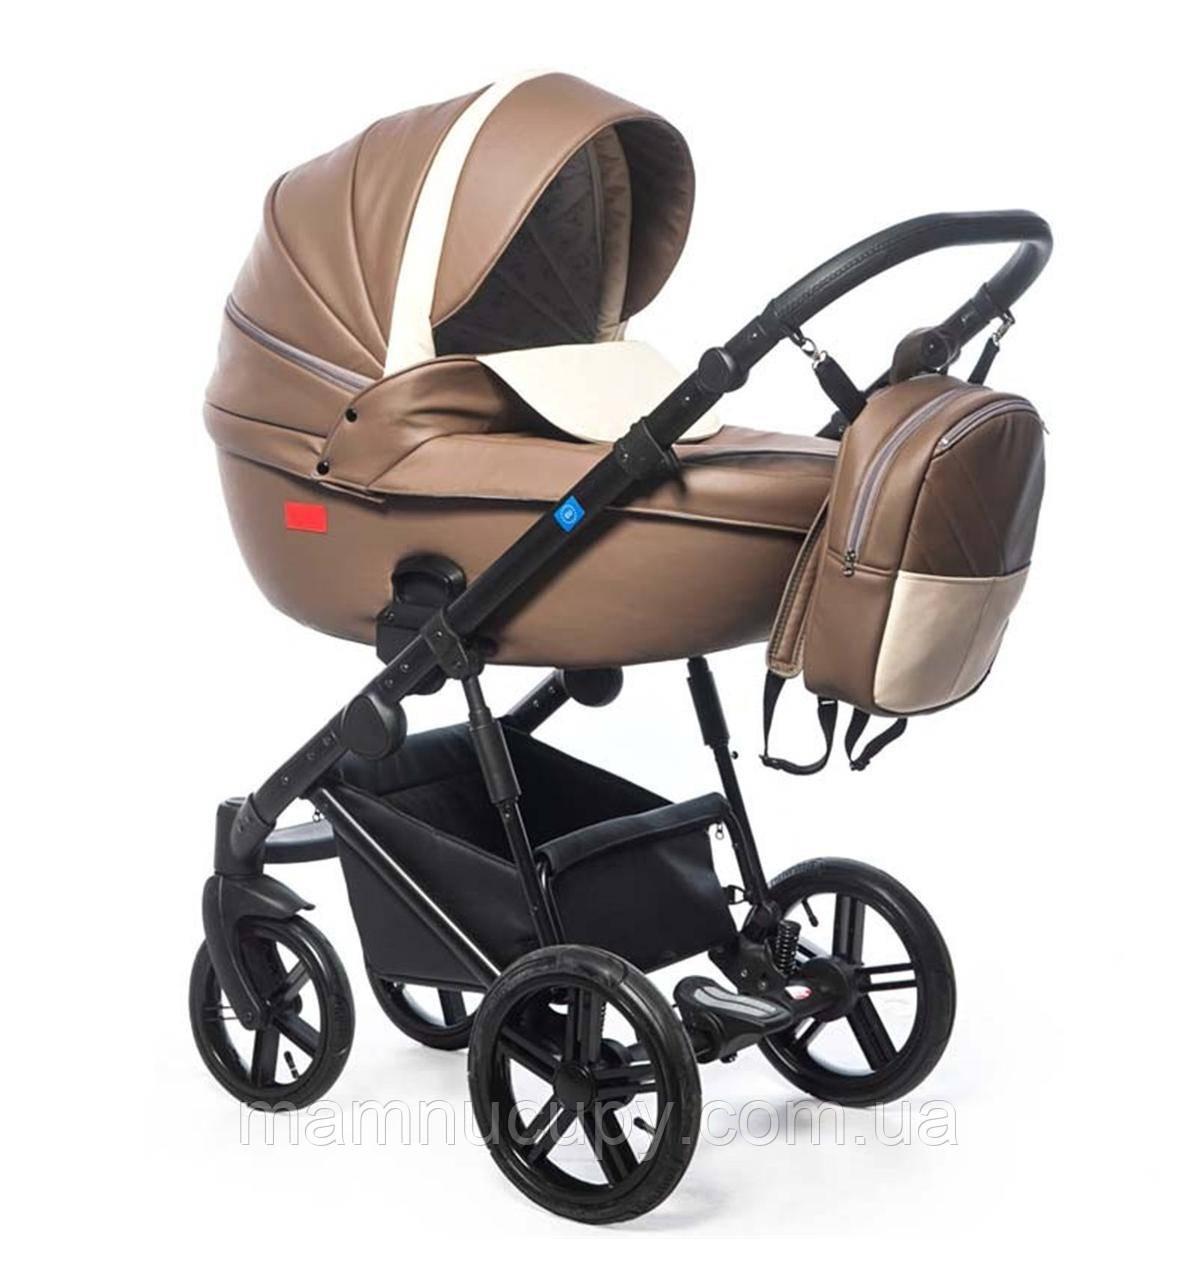 Детская универсальная коляска 3 в 1 Broco Avenue 03 Brown (Броко Авеню)